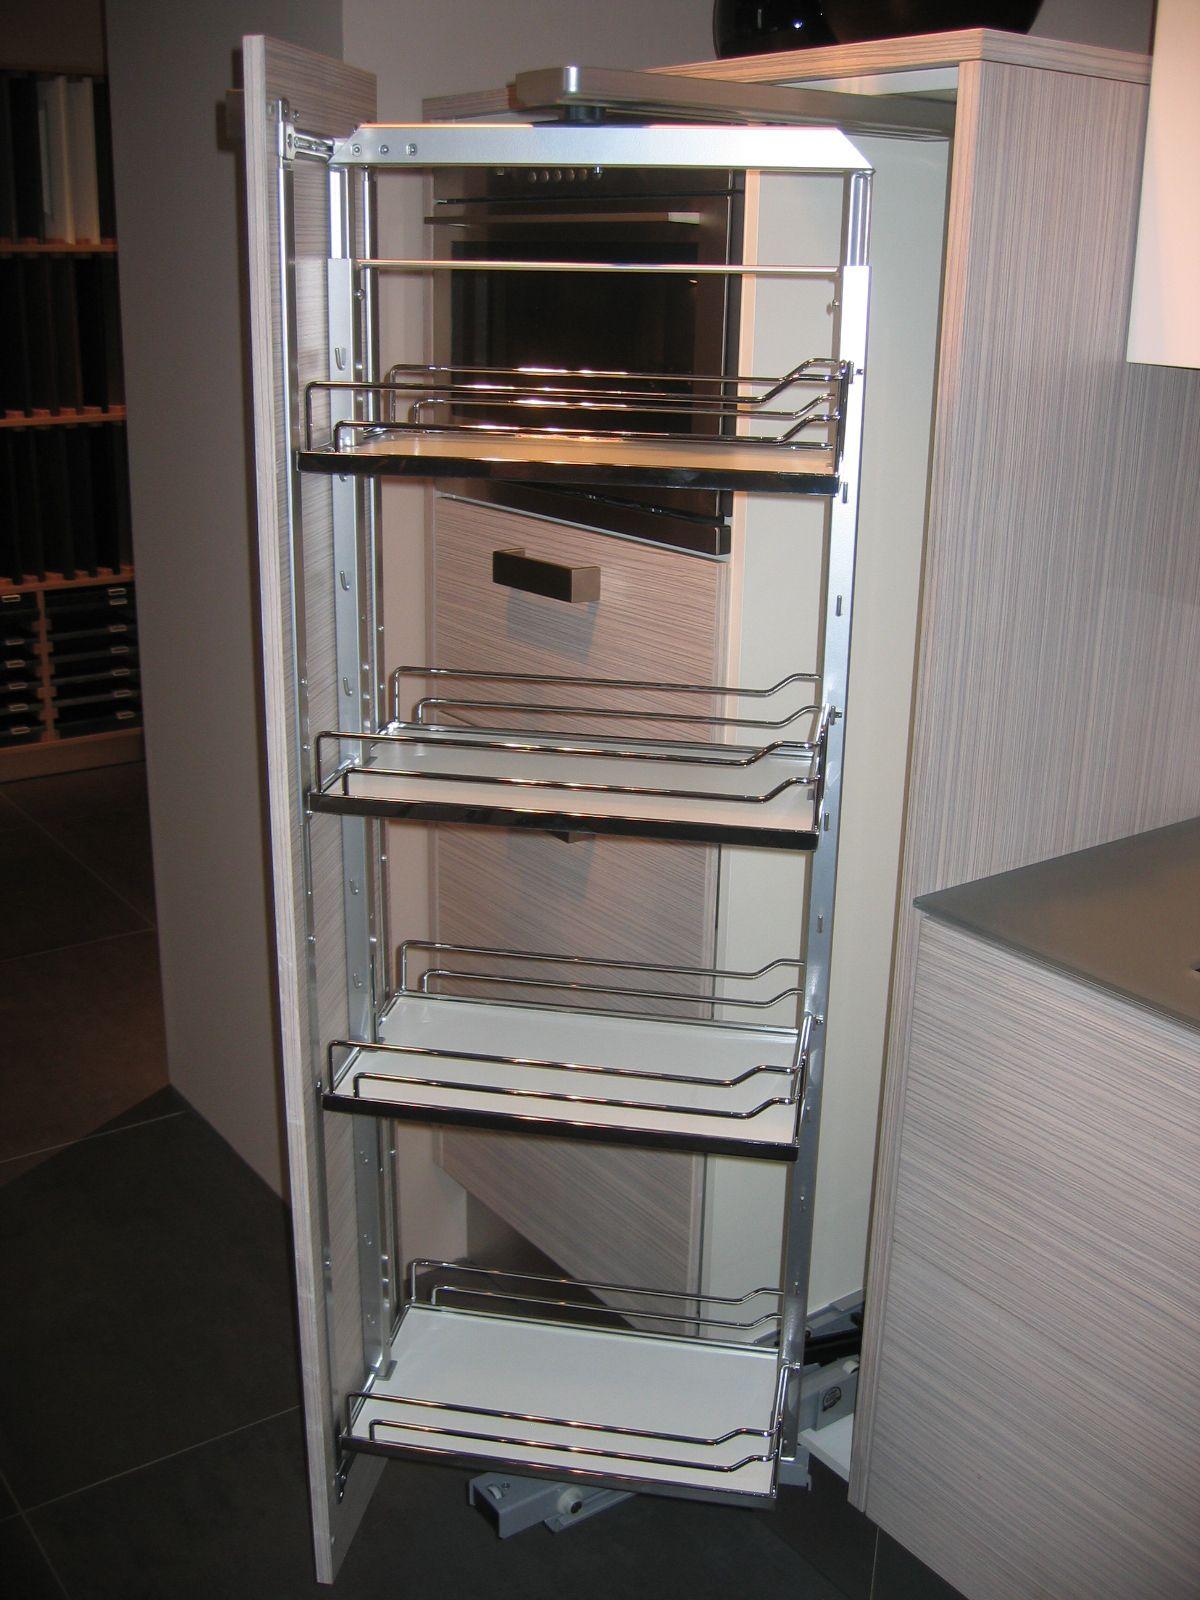 Apothekerskast Keuken Afmetingen : Deze keuken is uitgevoerd met een glazen werkblad en rugwand van 1cm